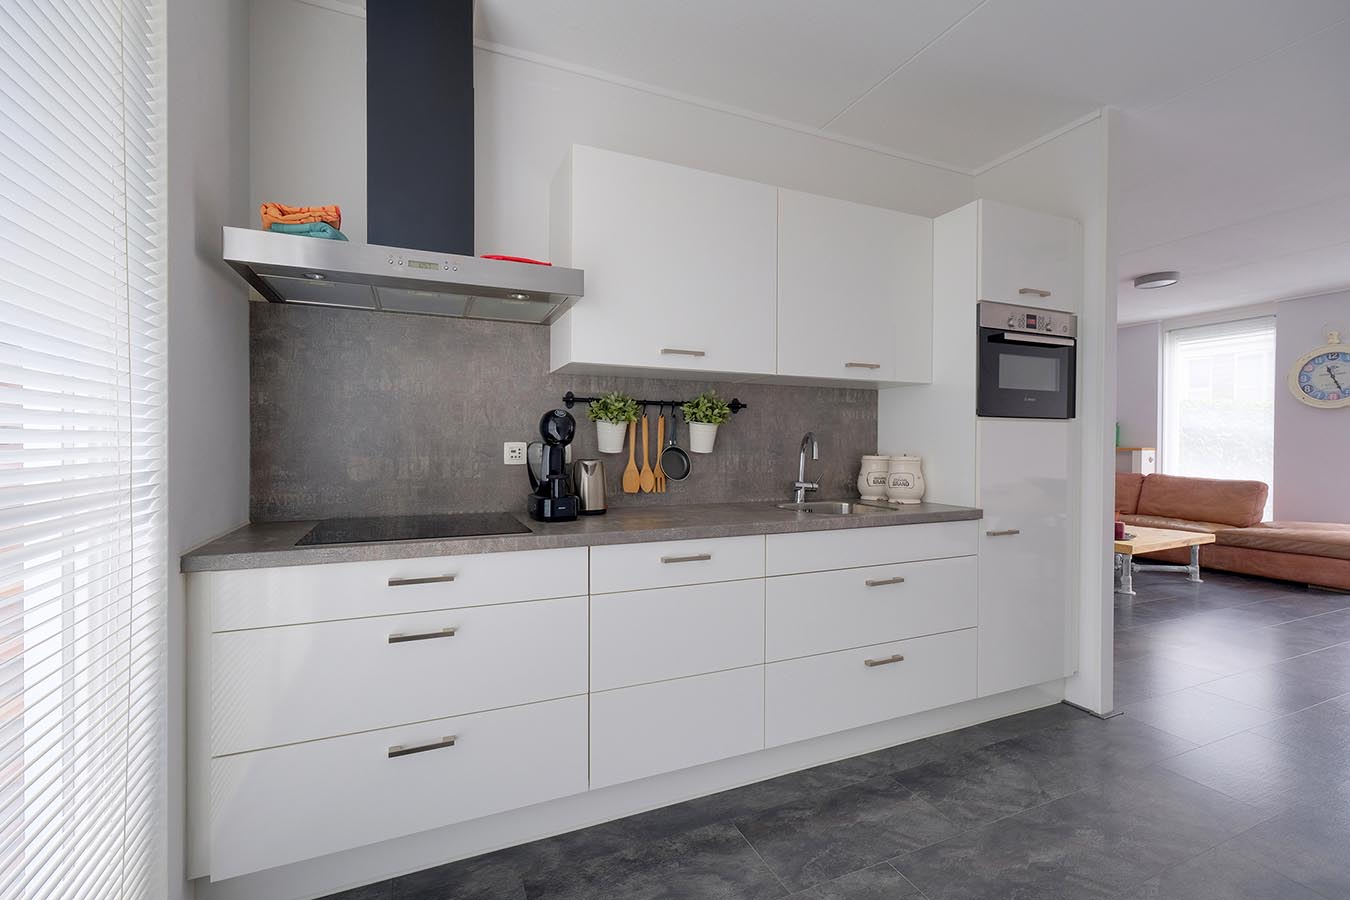 keuken op maat in een woning